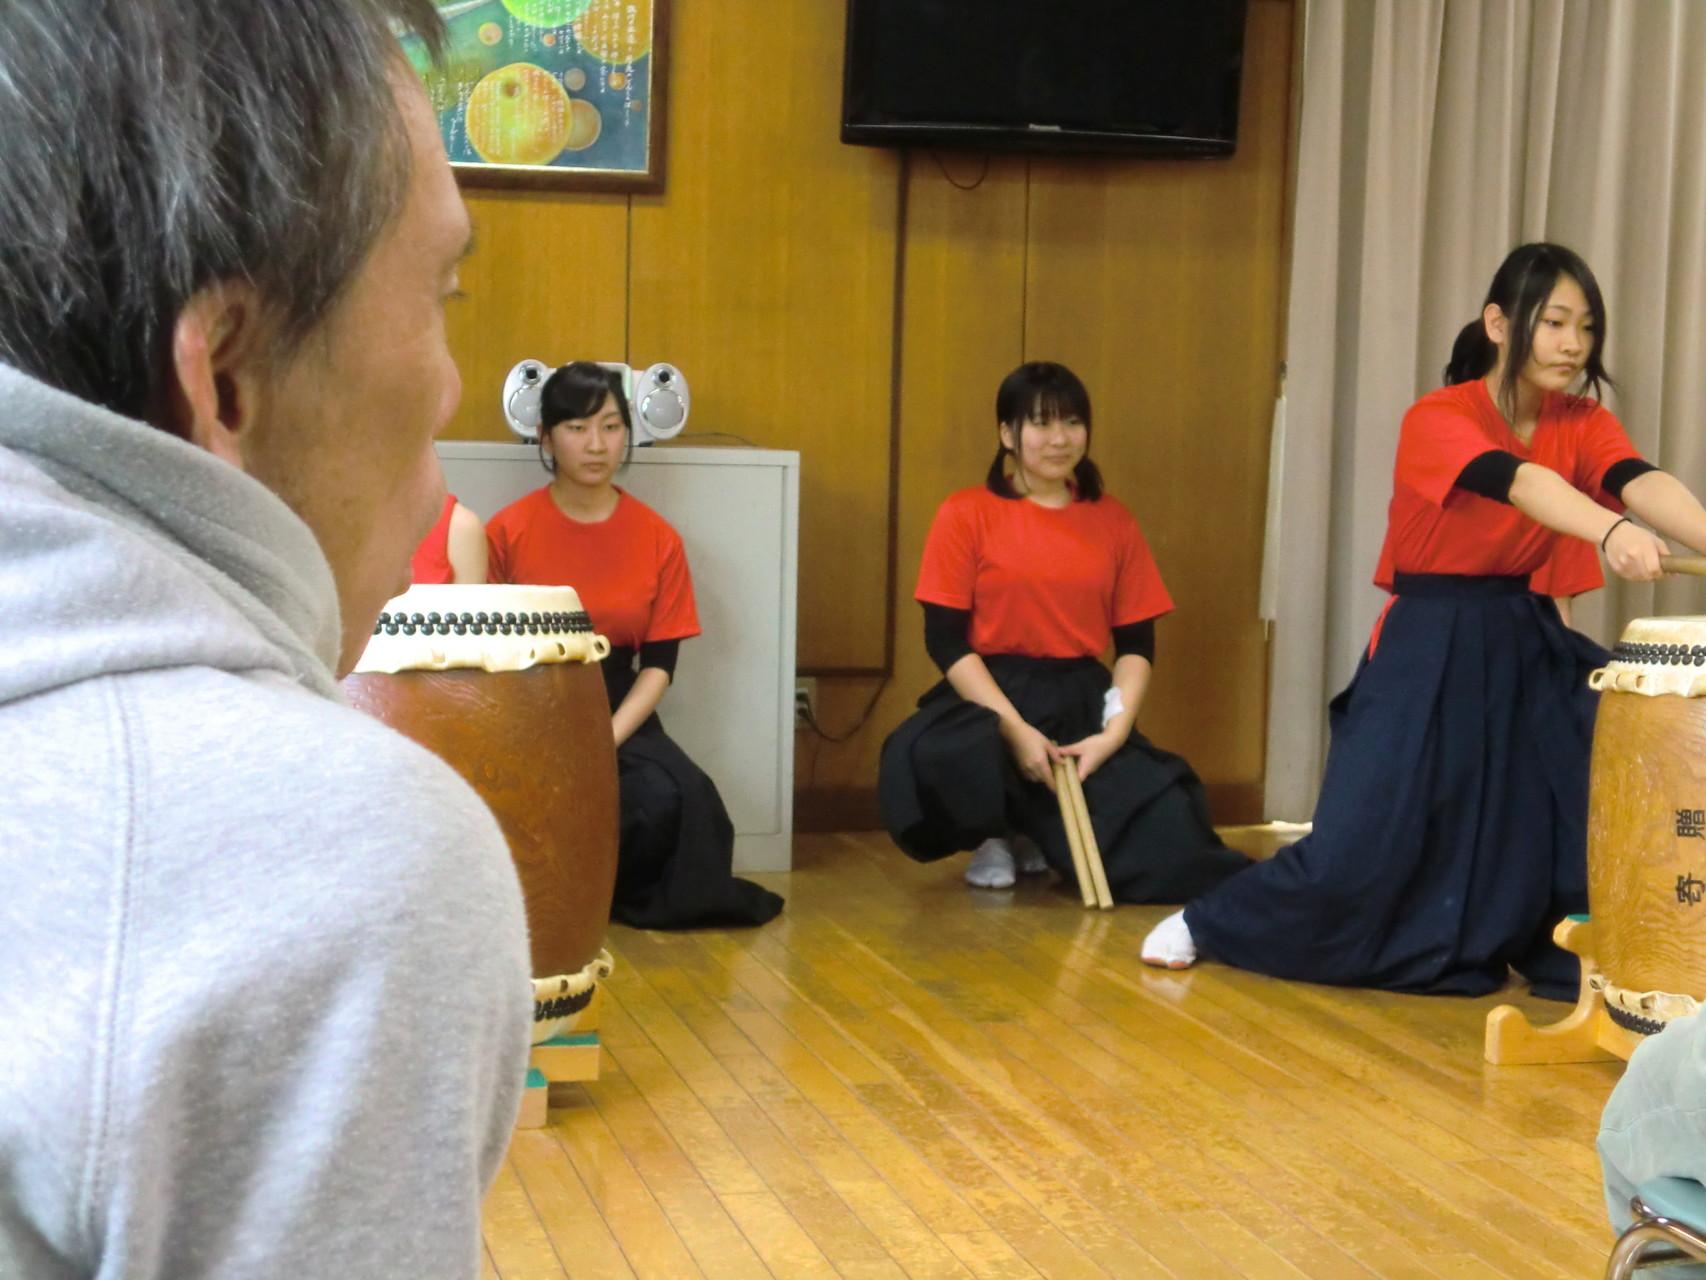 自分の叩いたことがある和太鼓を真剣に見ています